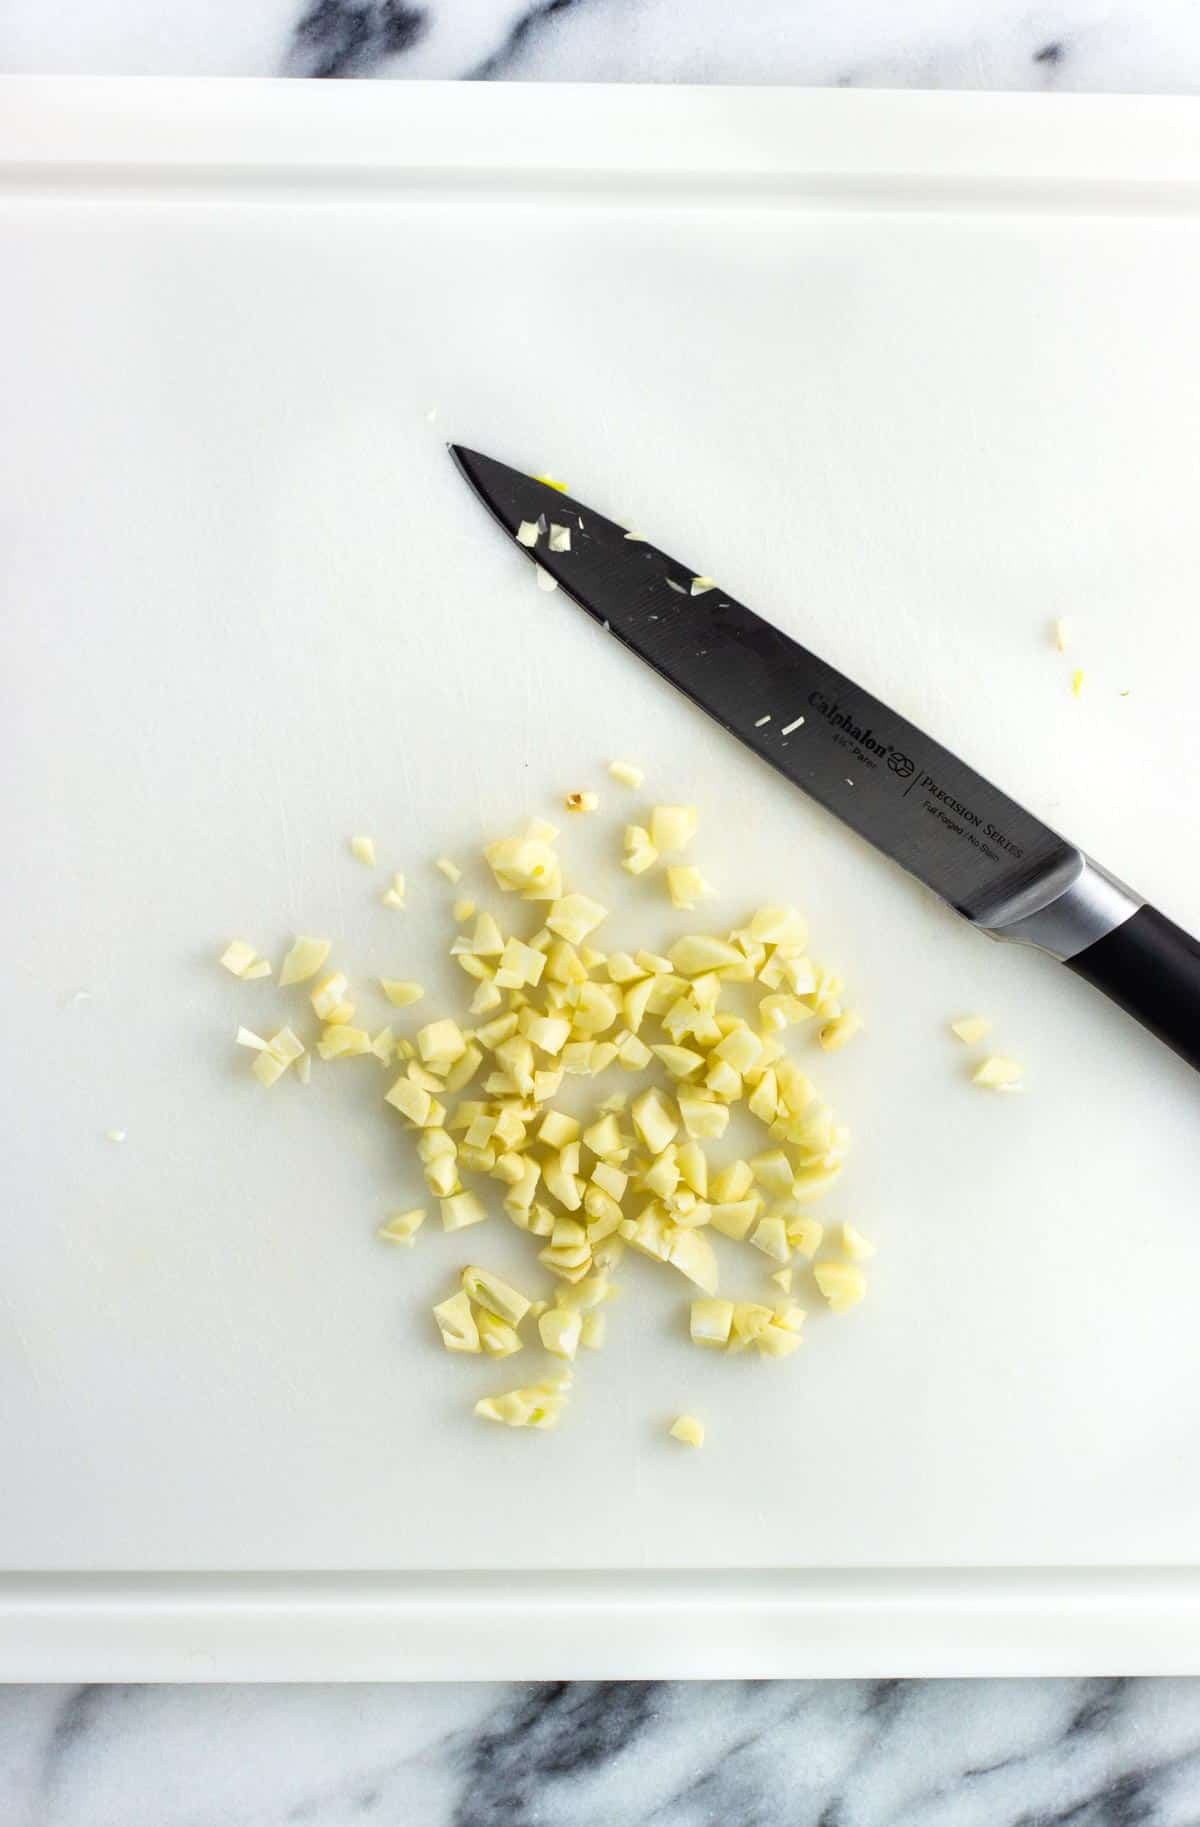 Garlic cloves chopped on a cutting board.